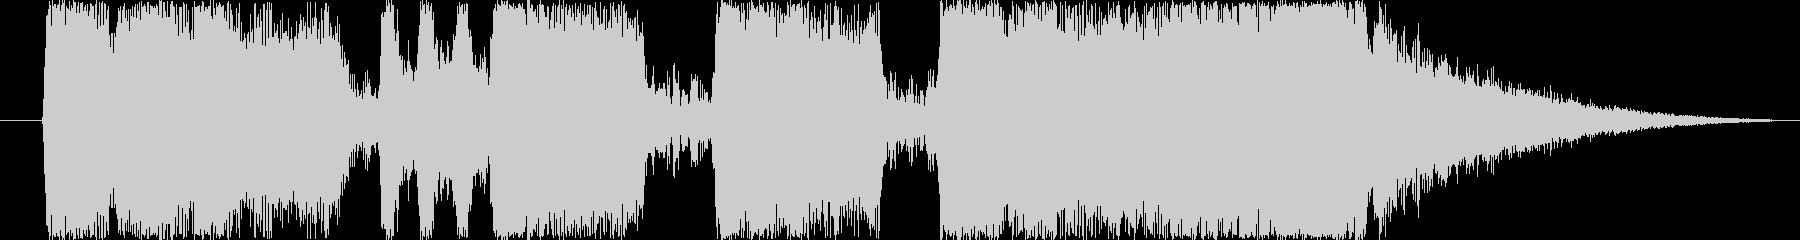 ファンファーレ3の未再生の波形